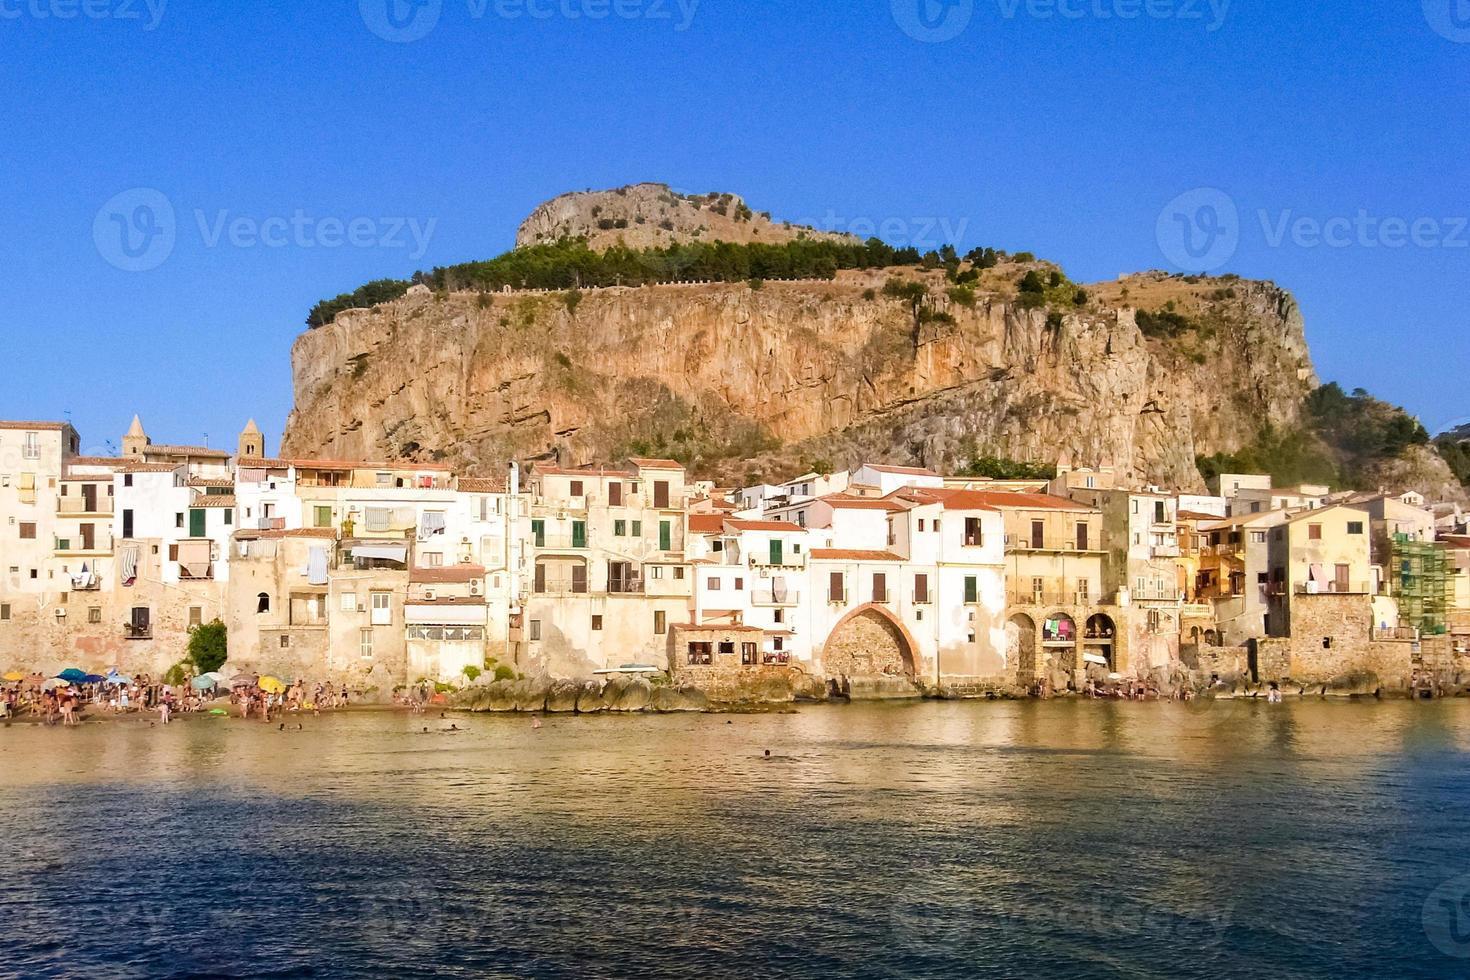 Skyline de cefalù, village touristique du nord de la Sicile photo